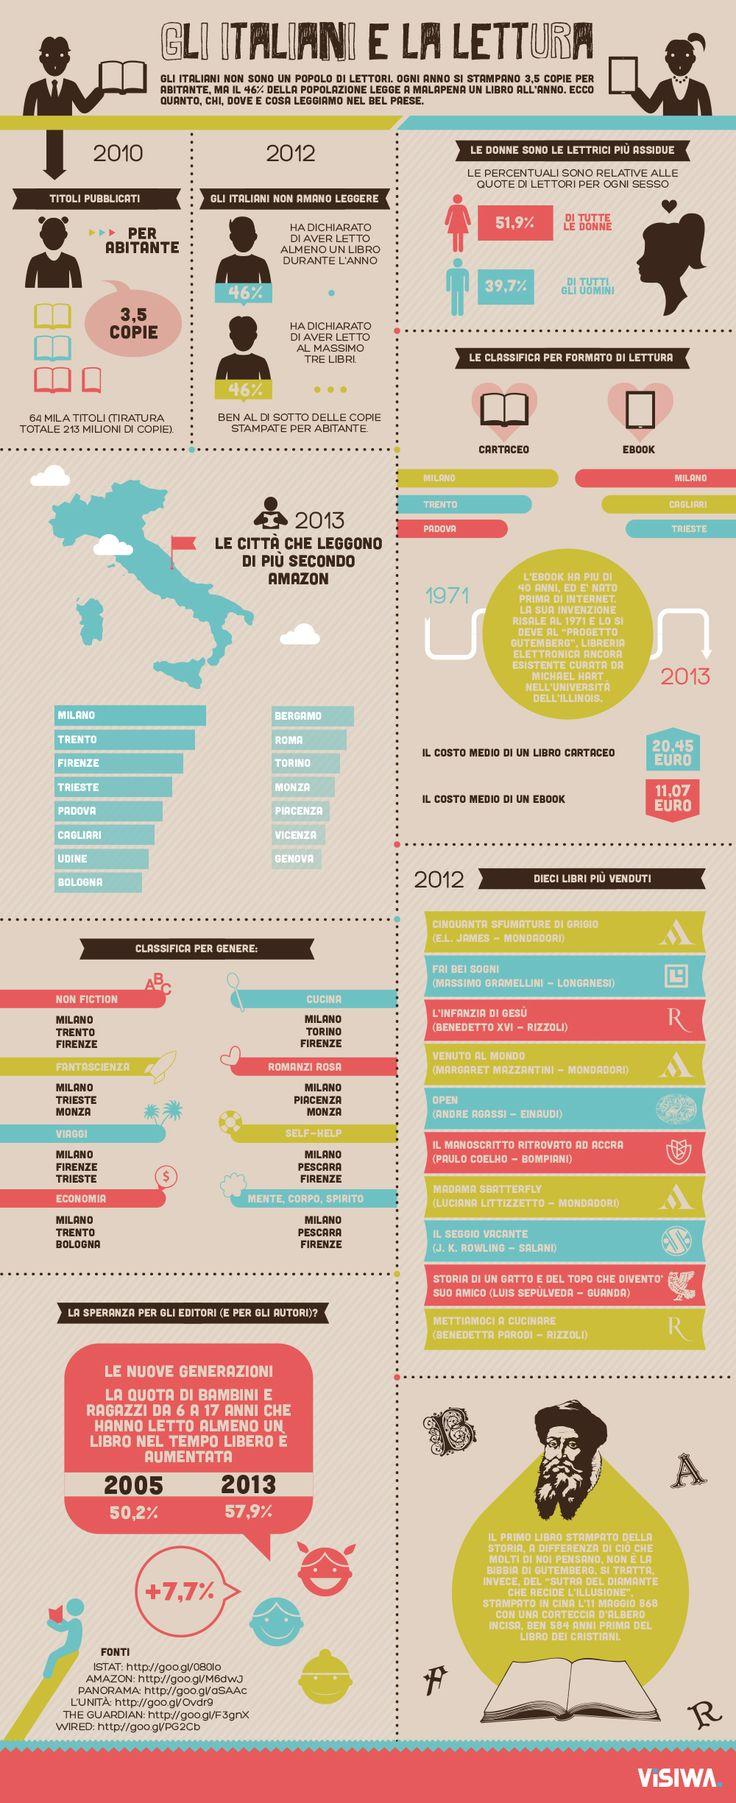 Libri in Italia: come, quanto e cosa leggiamo (infografica). La lettura è in aumento o in diminuzione? E in quale città si legge di più?